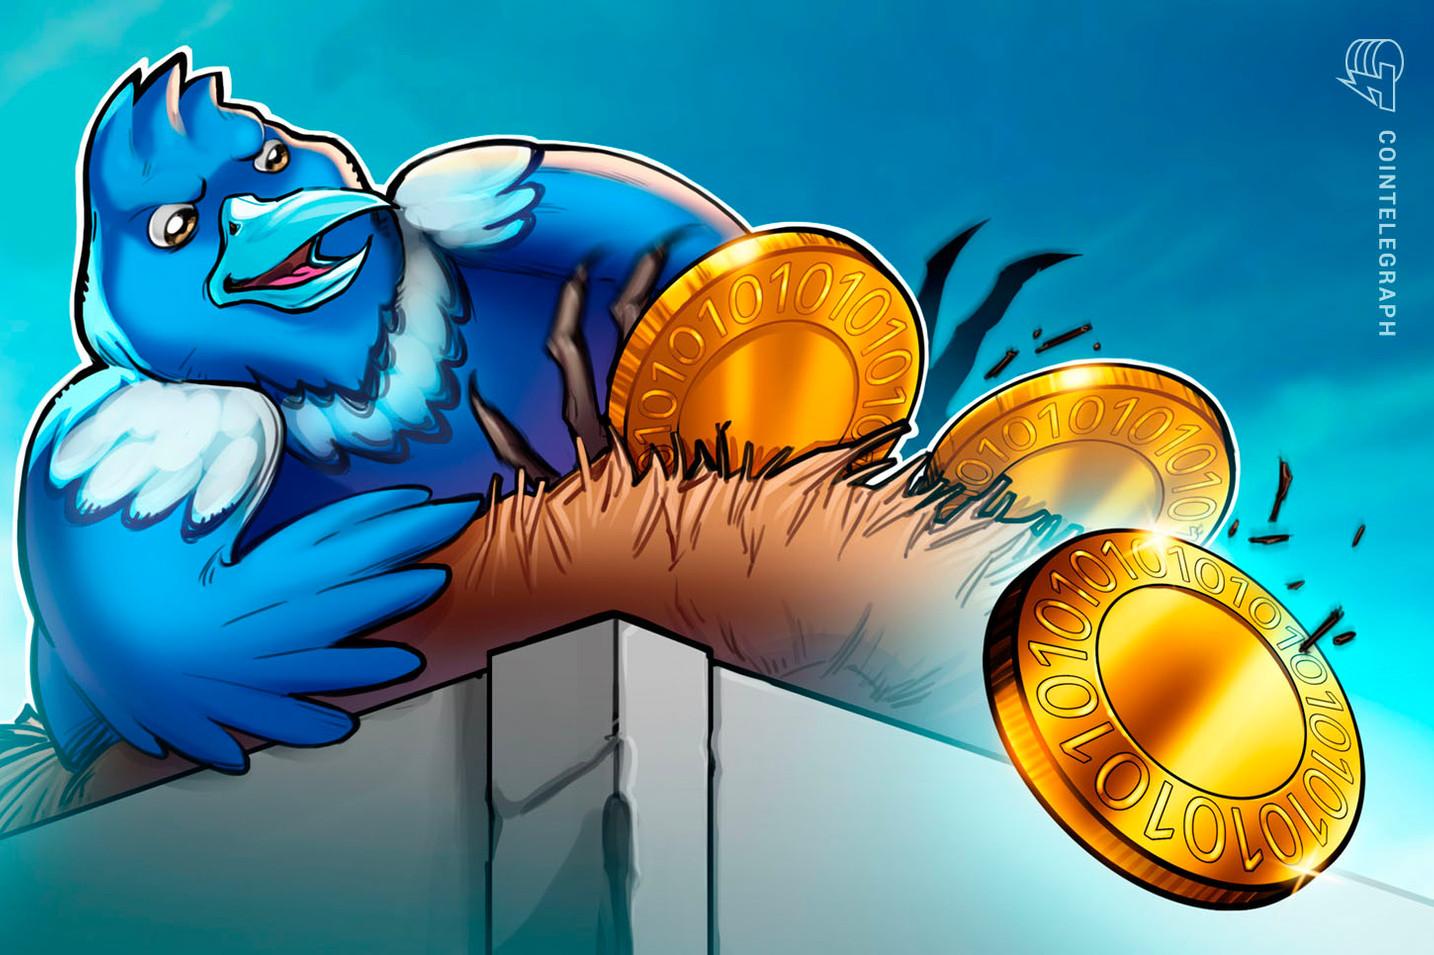 Número de publicações mencionando o Bitcoin no Twitter atinge maior baixa dos últimos quatro anos